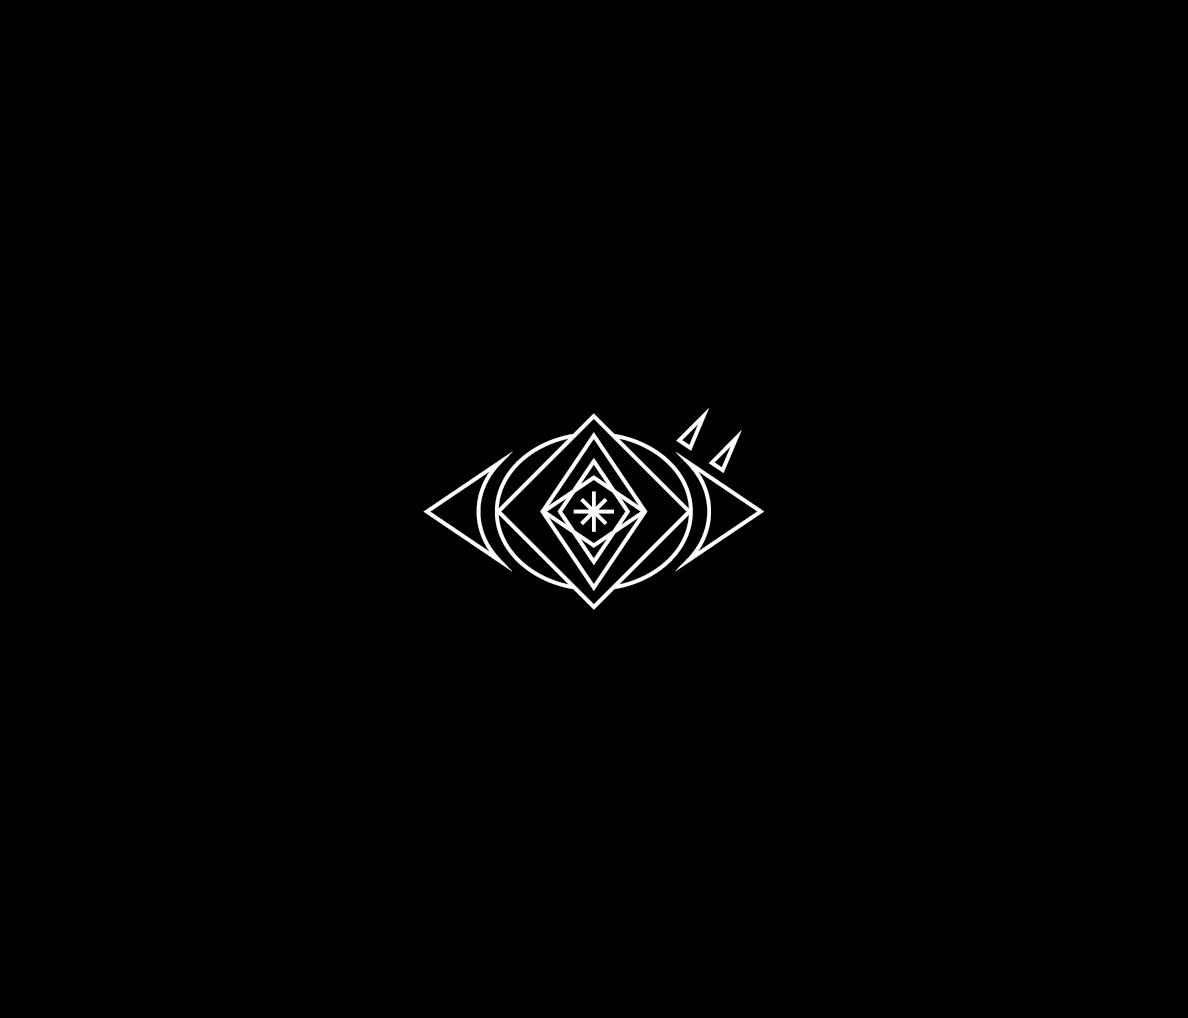 LISA-SCHNEIDER-MASTER-A-BLACK-01